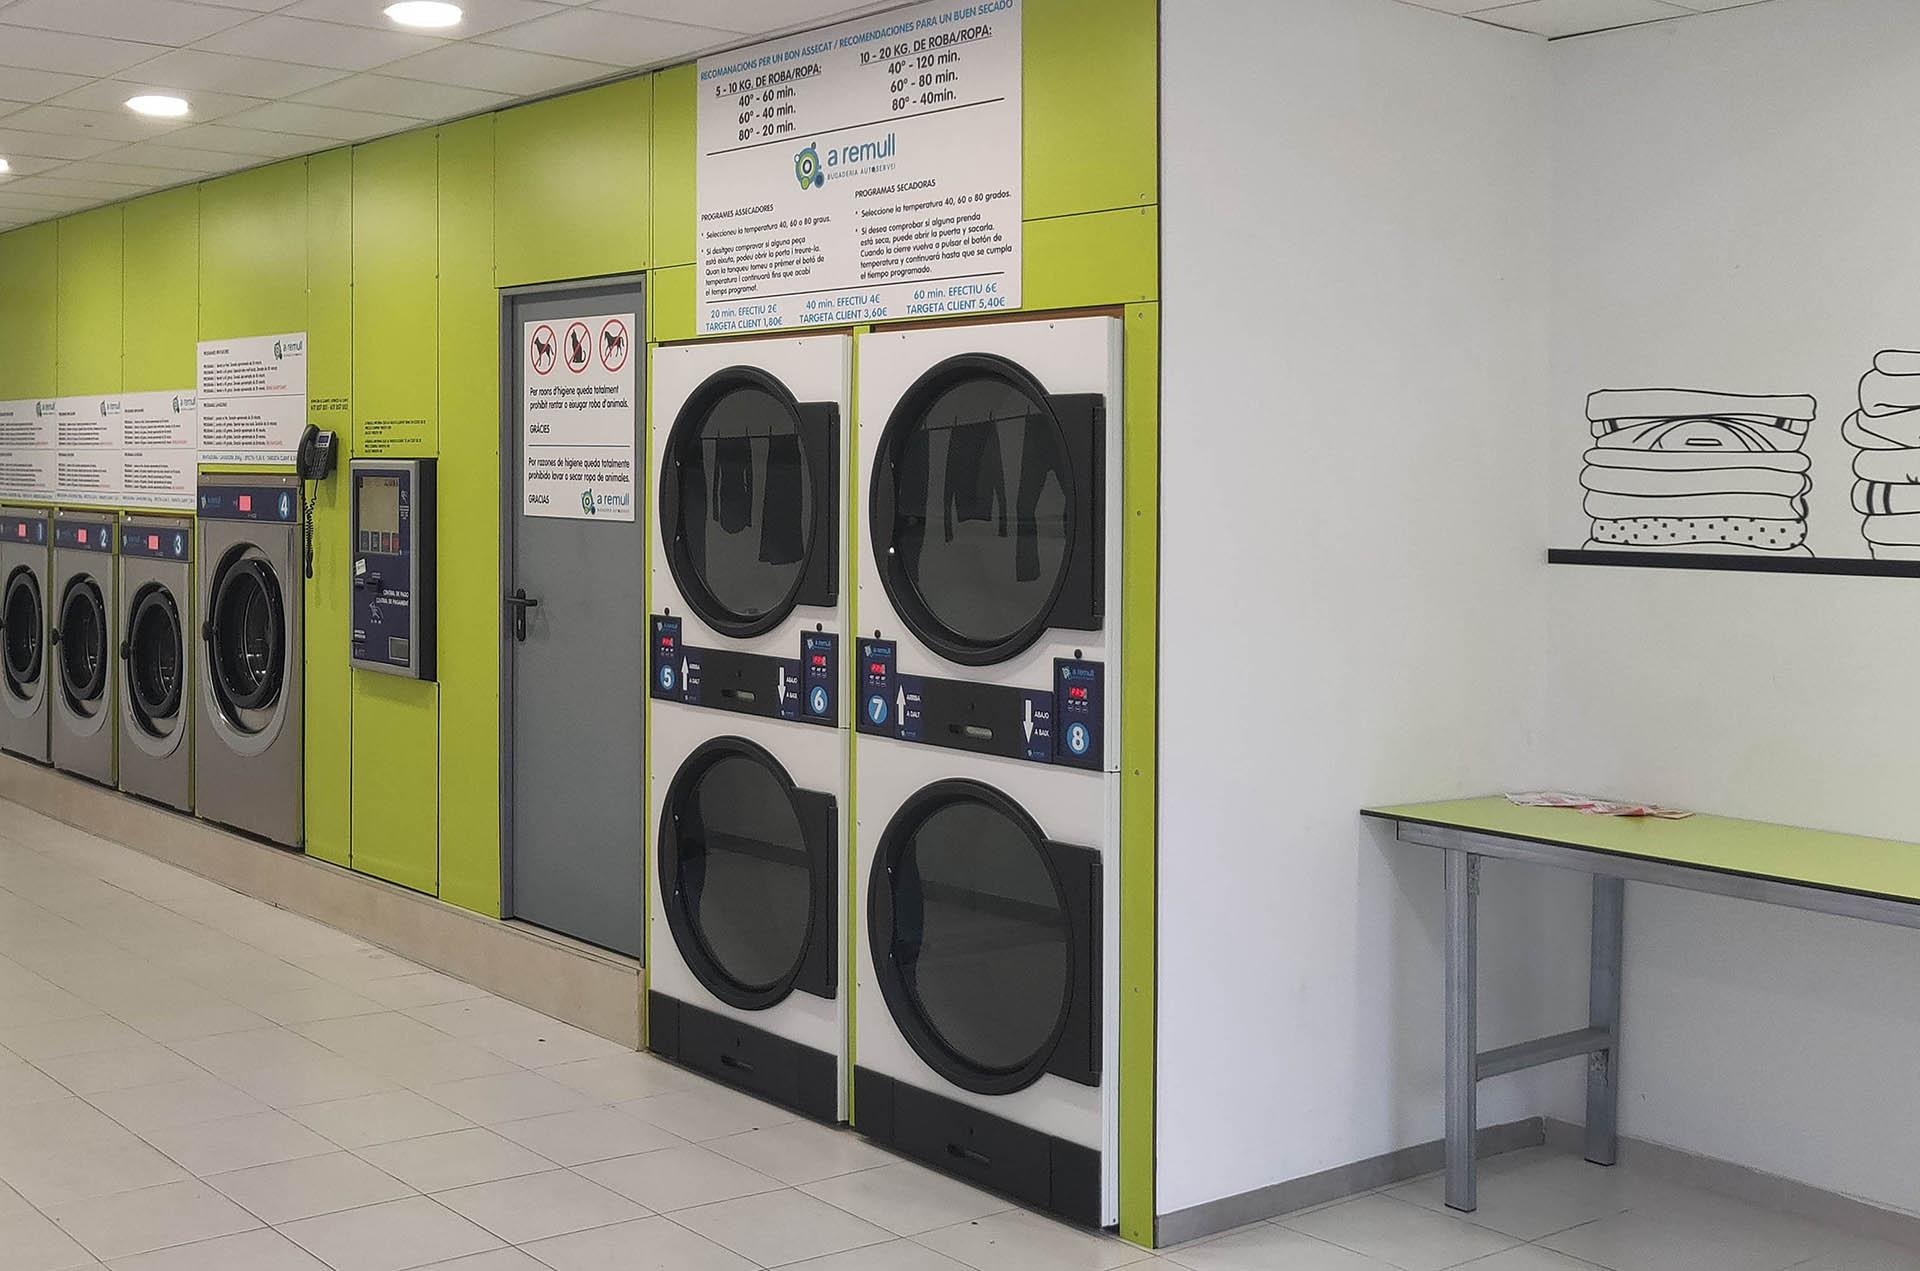 Franquicia de lavandería de Autoservicio